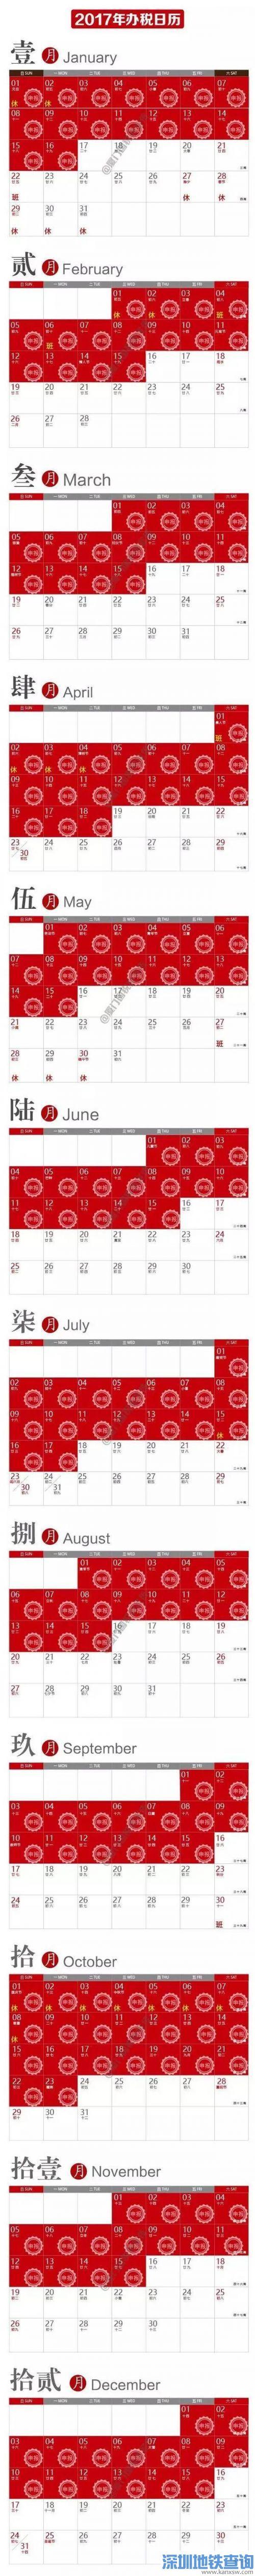 最新2017年纳税申报时间(办税日历)